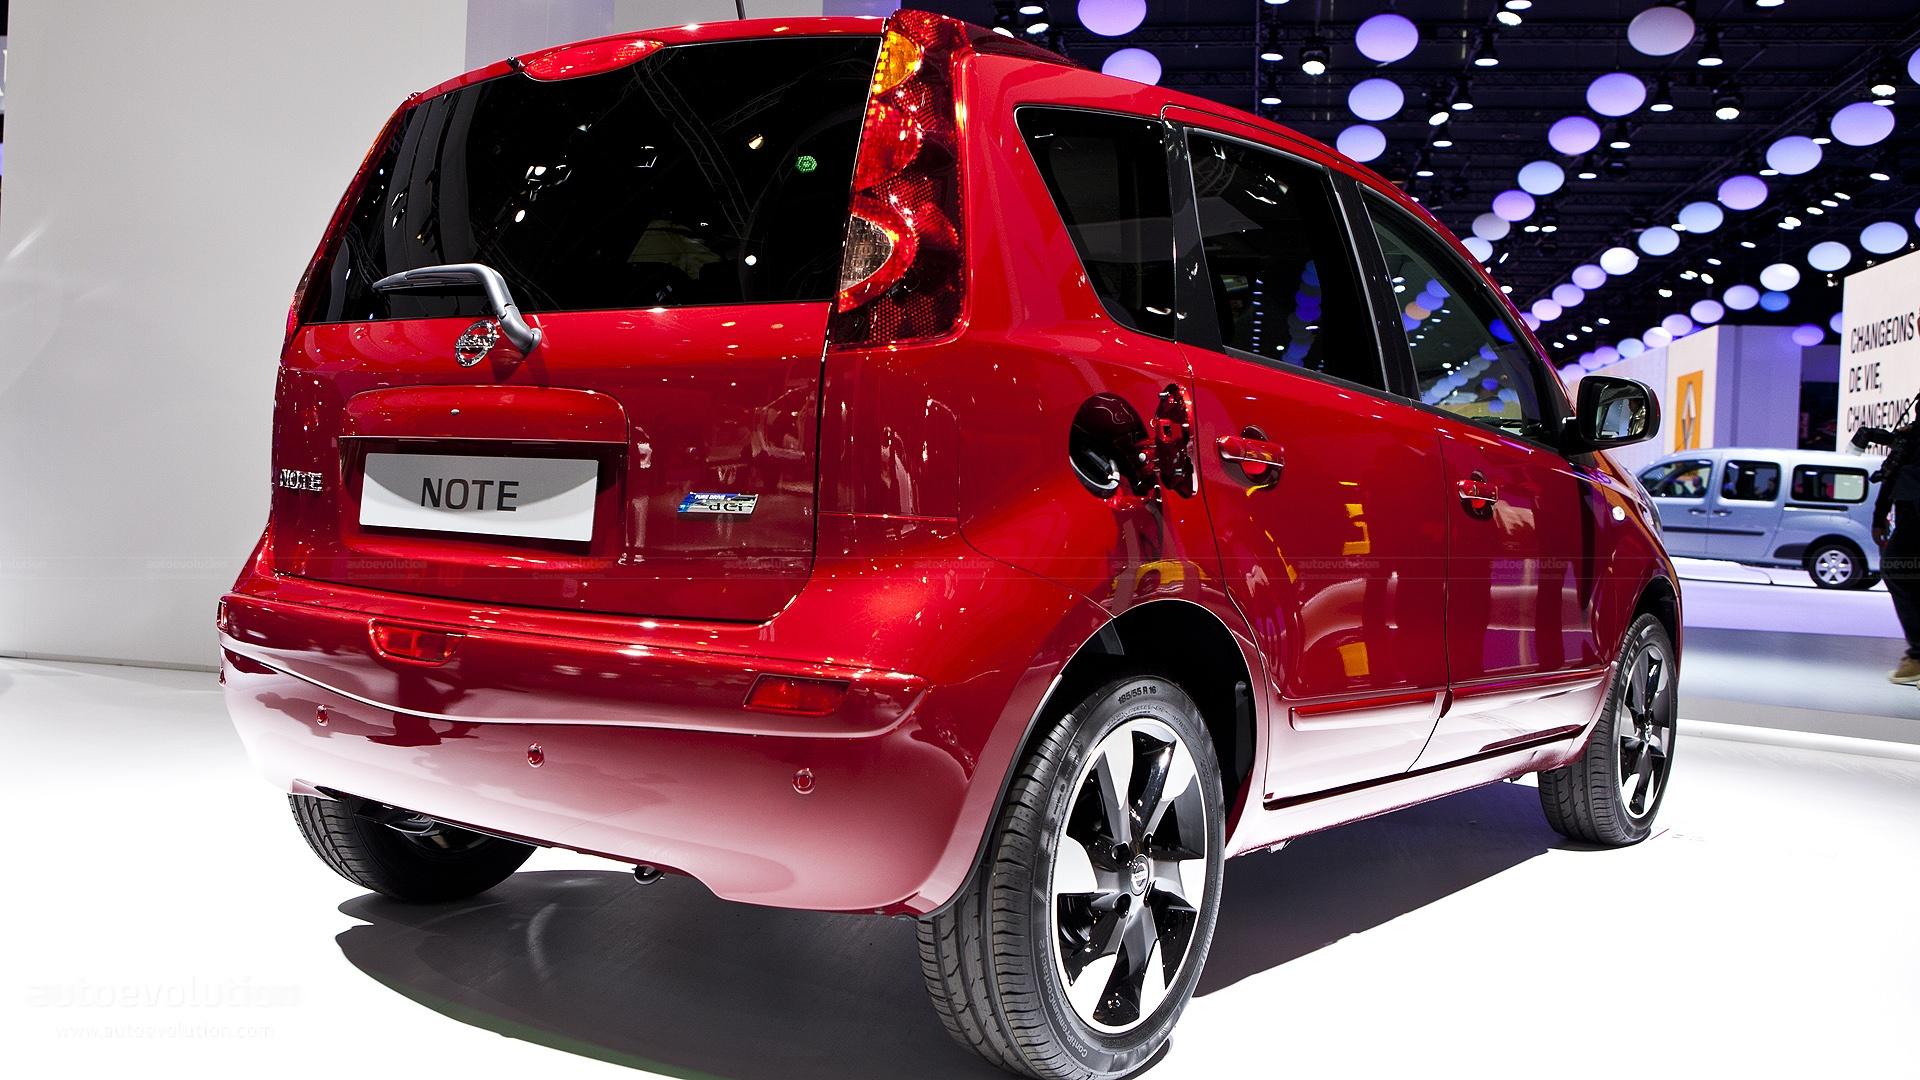 Paris 2012 Nissan Note Facelift Live Photos Autoevolution